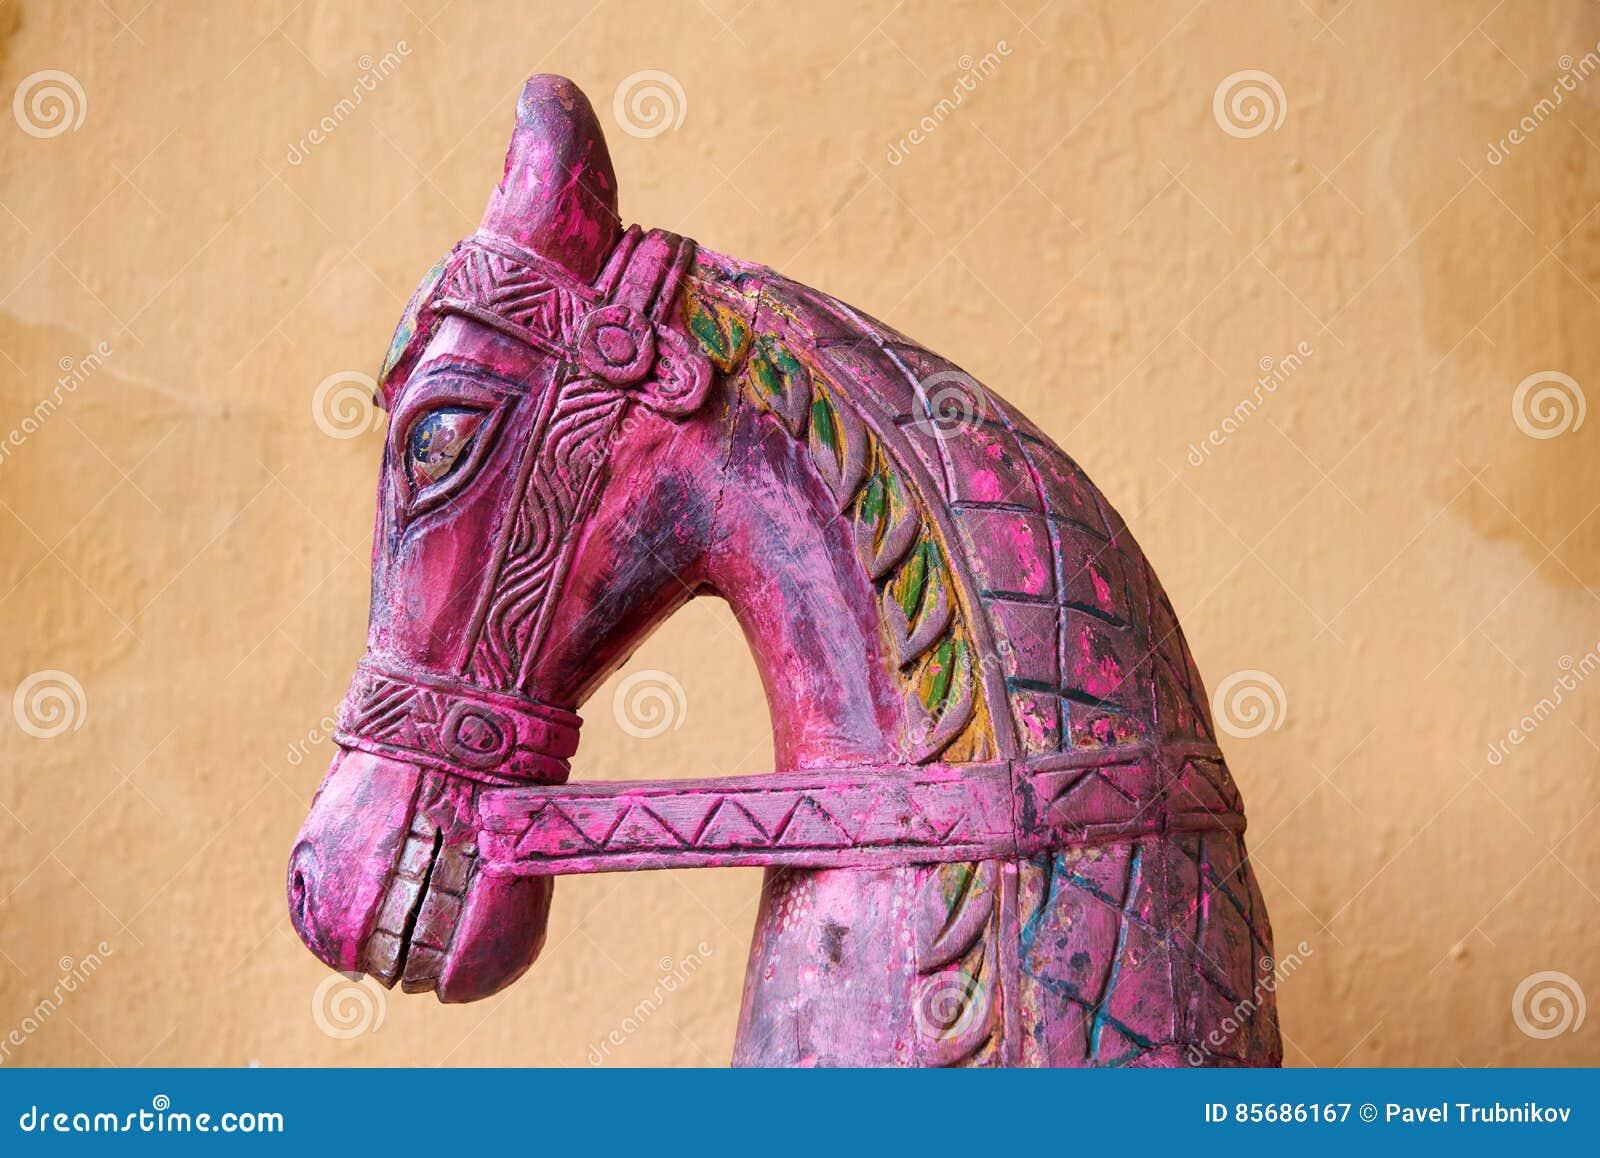 La cabeza de caballo de madera tallada